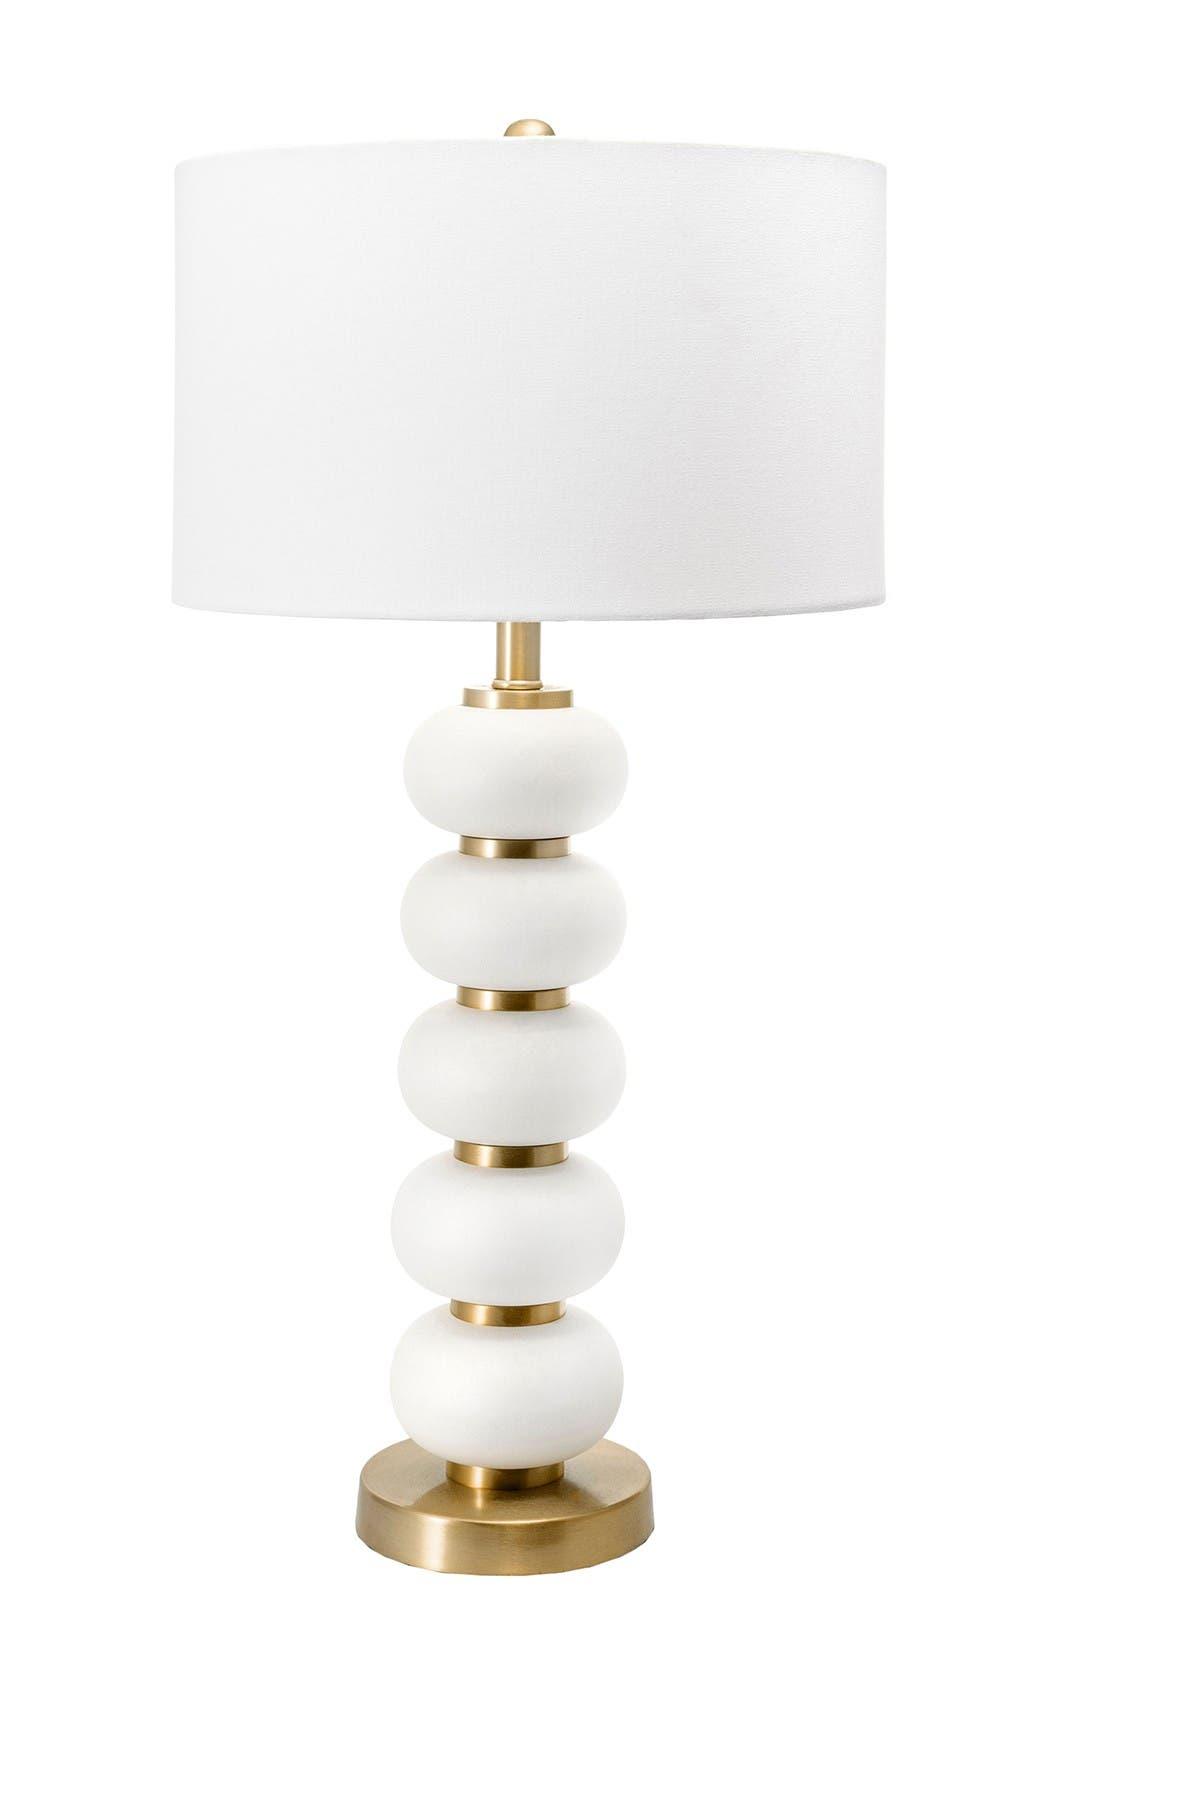 """Image of nuLOOM Ivory Hazel 29"""" Iron Table Lamp"""